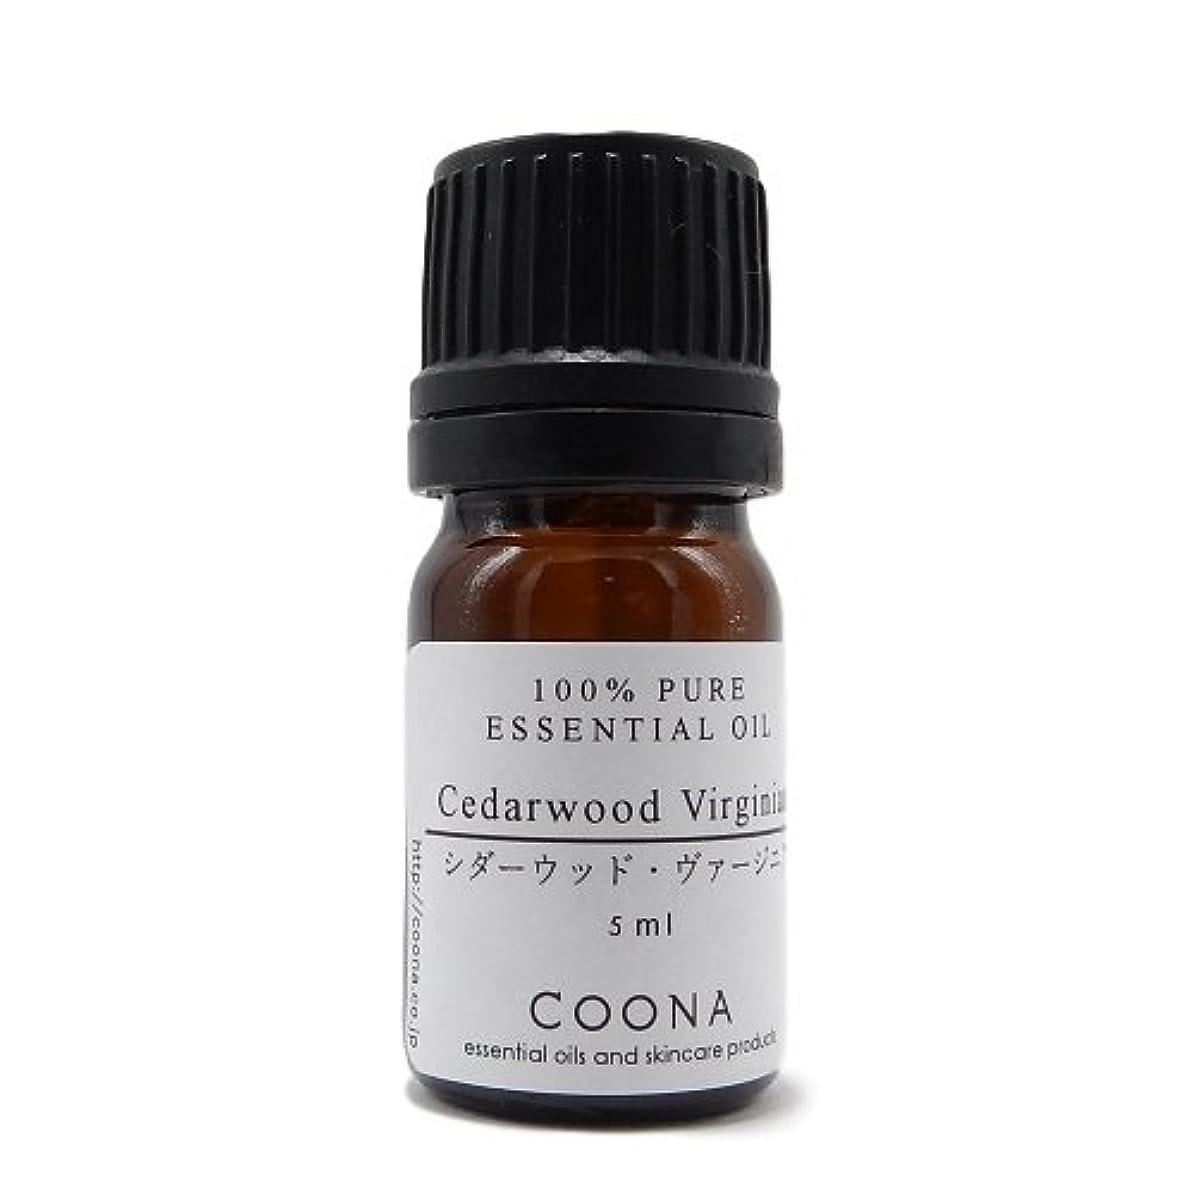 シダーウッド ヴァージニア 5 ml (COONA エッセンシャルオイル アロマオイル 100%天然植物精油)